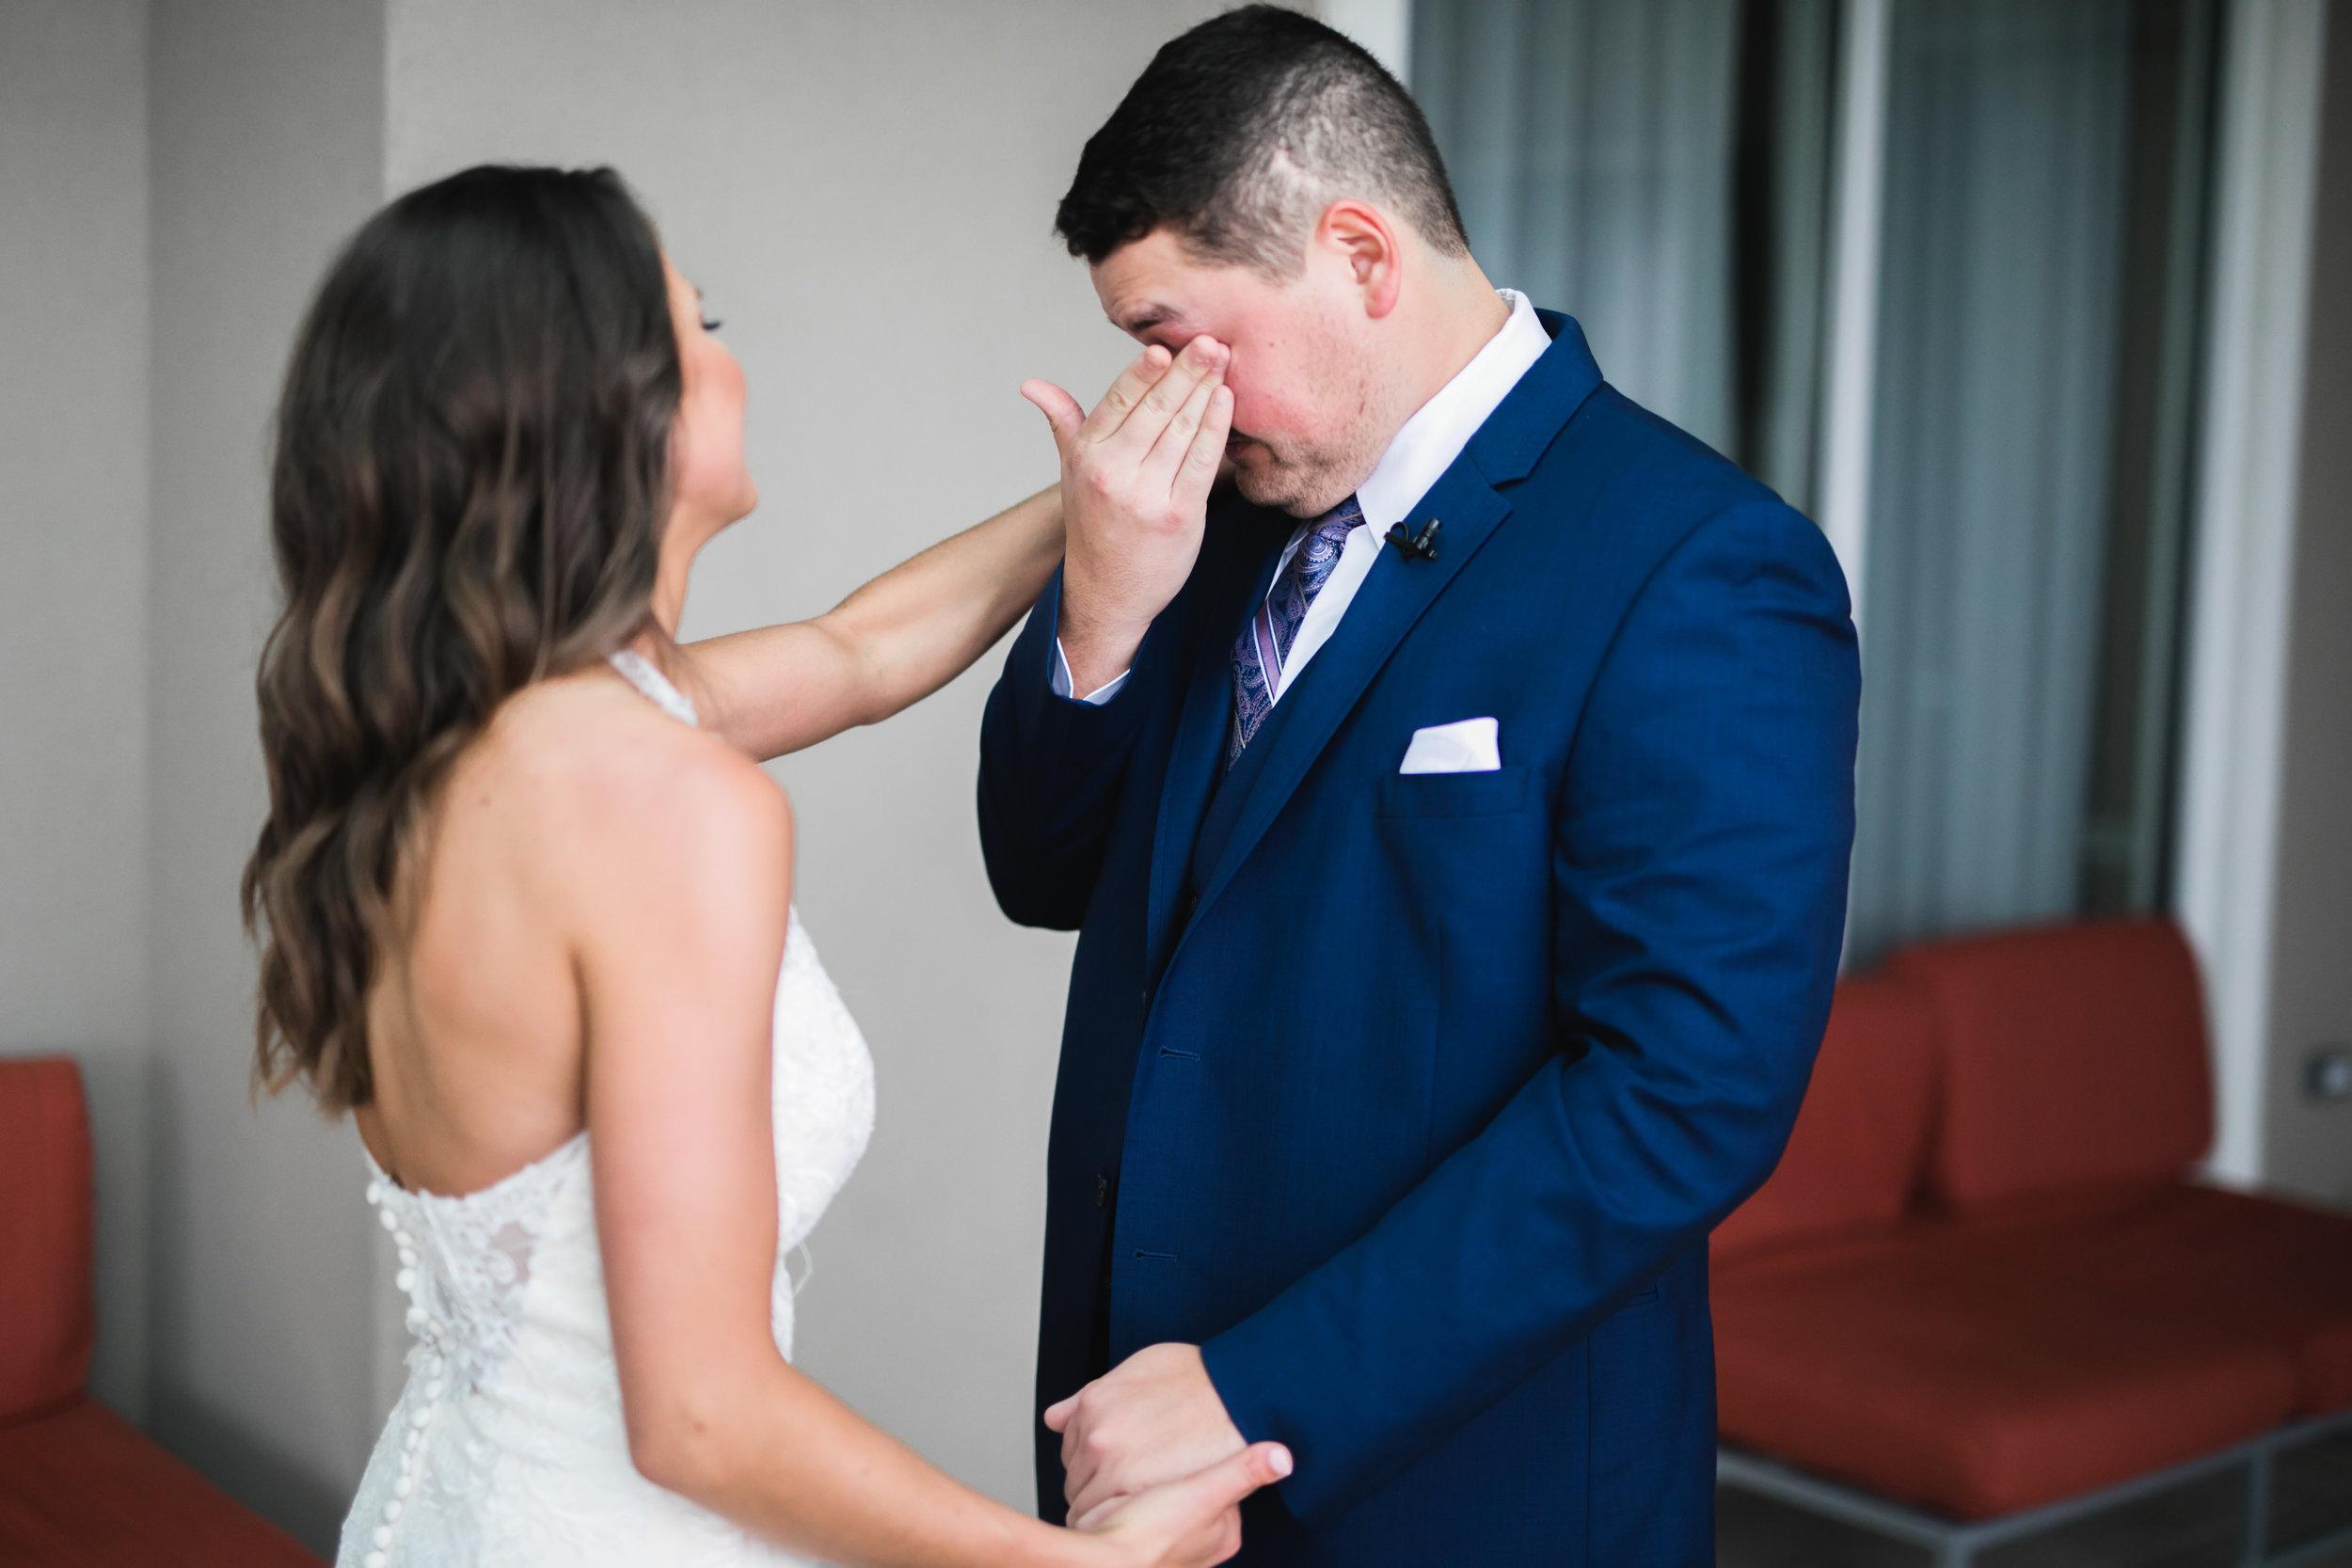 Groom-reaction-to-seeing-bride.jpg